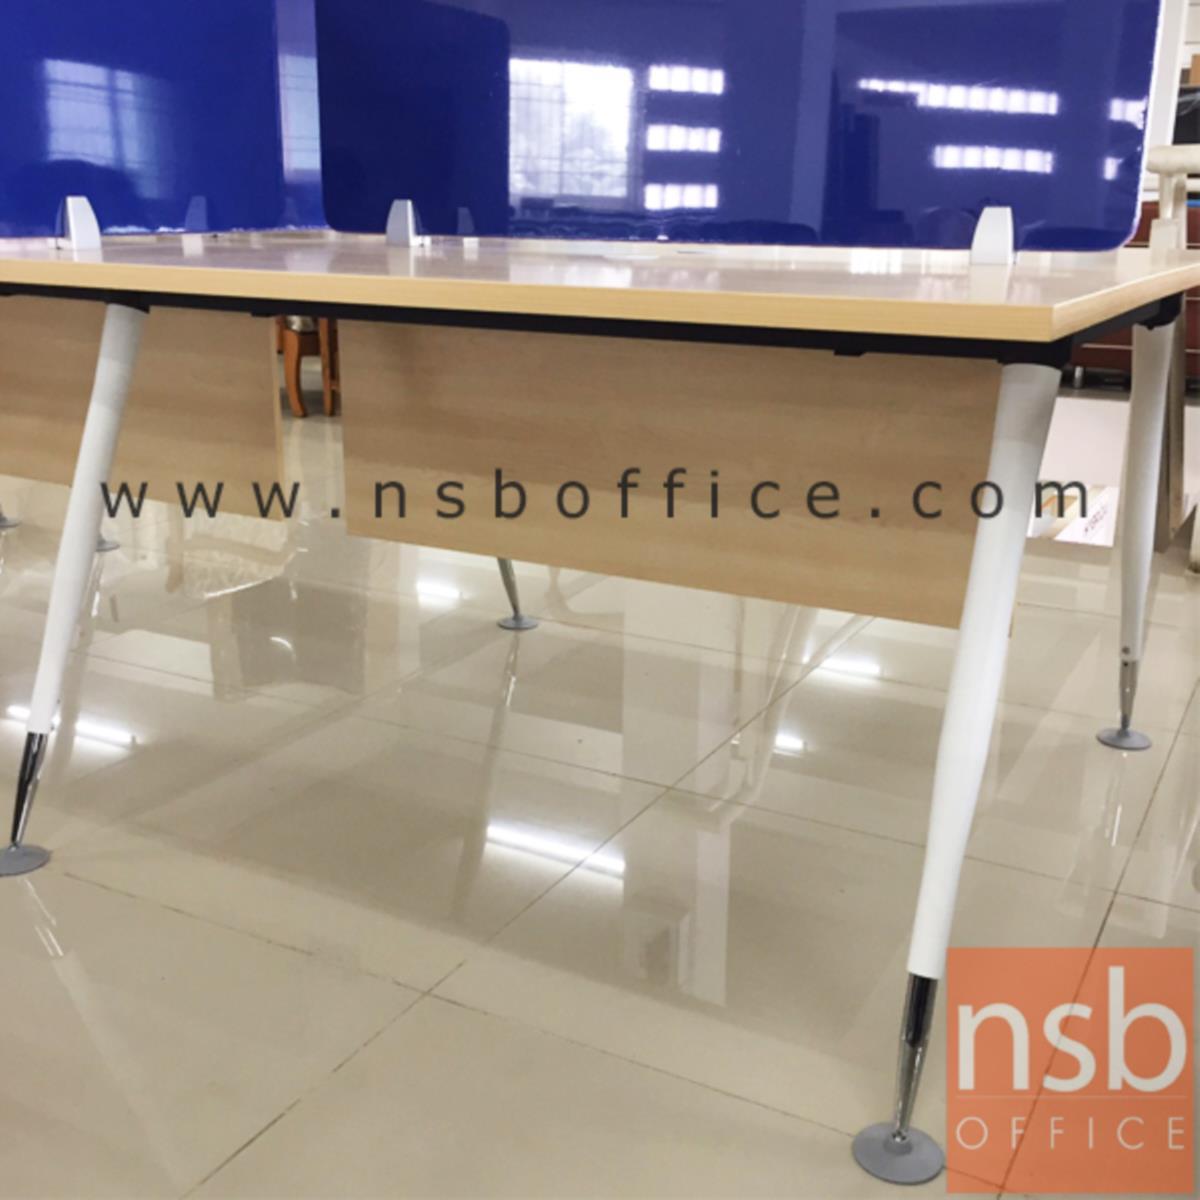 ชุดโต๊ะทำงานกลุ่ม 4 ที่นั่ง  รุ่น MN-APS12 ขนาด 240W cm. พร้อมมินิสกรีนผ้าฝ้าย